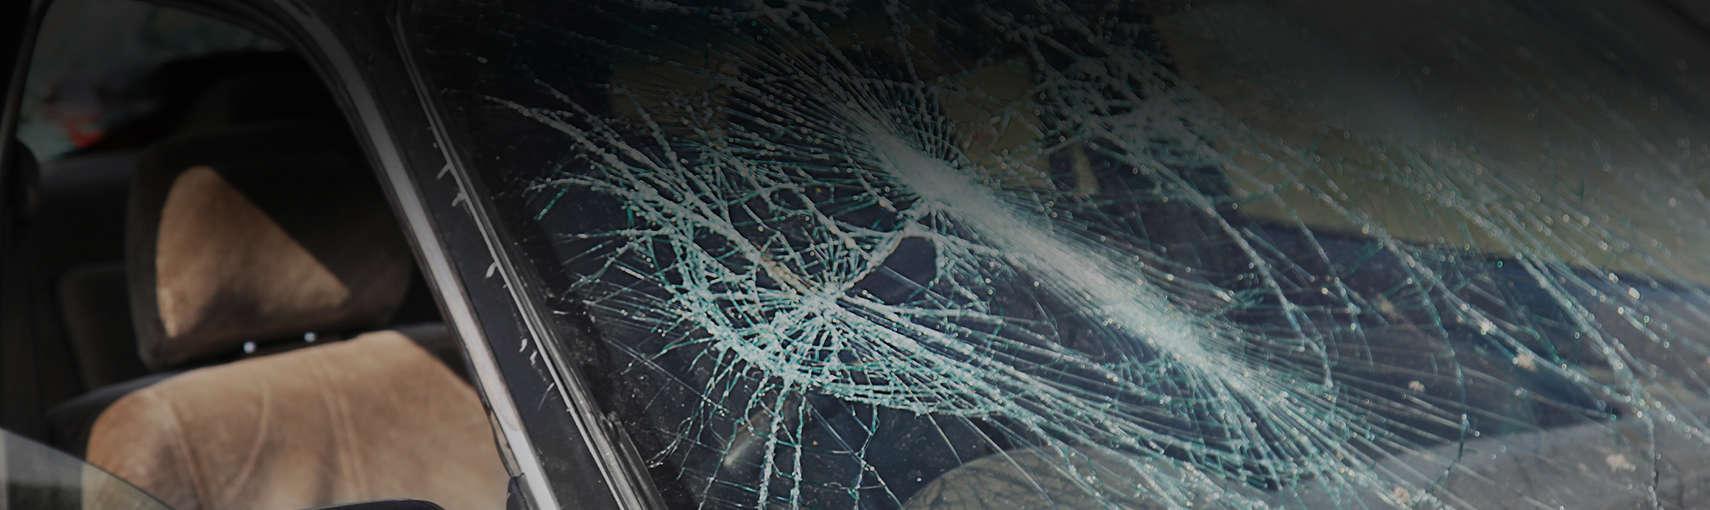 Mobile Auto Glass Repair Caledonia, Mobile Windshield Repair Caledonia